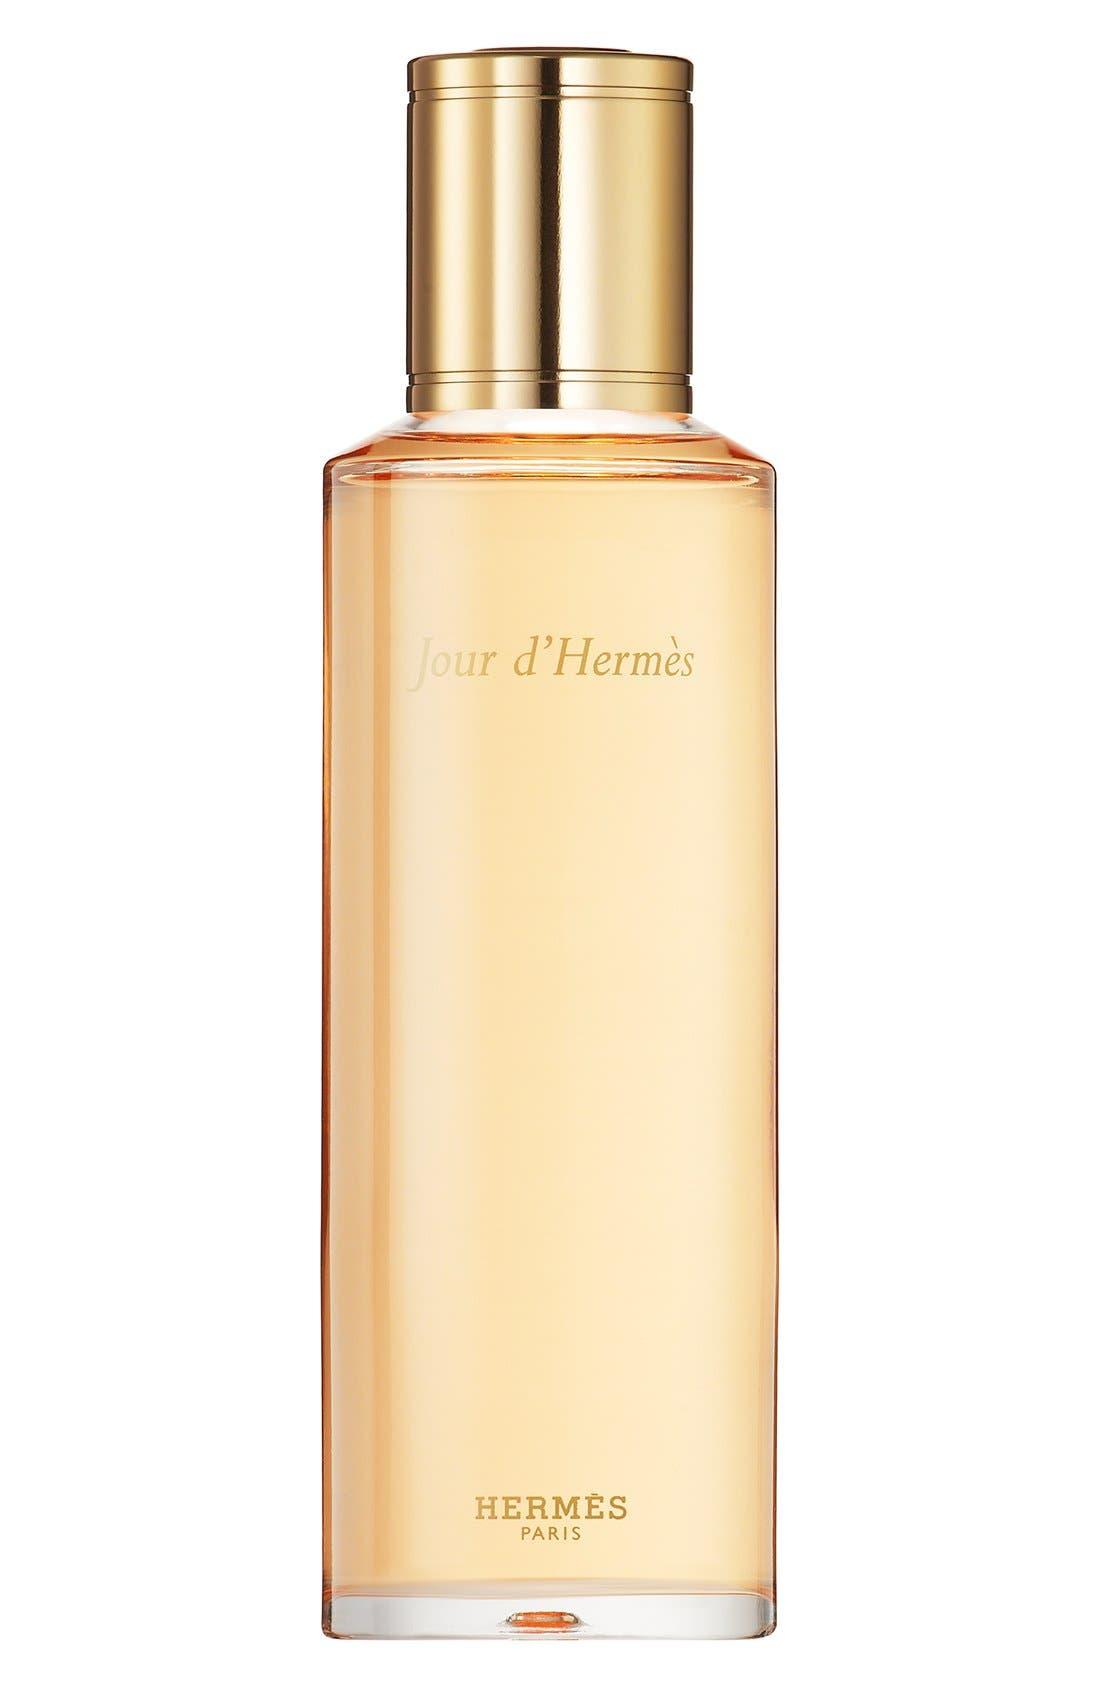 Hermès Jour d'Hermès - Eau de parfum